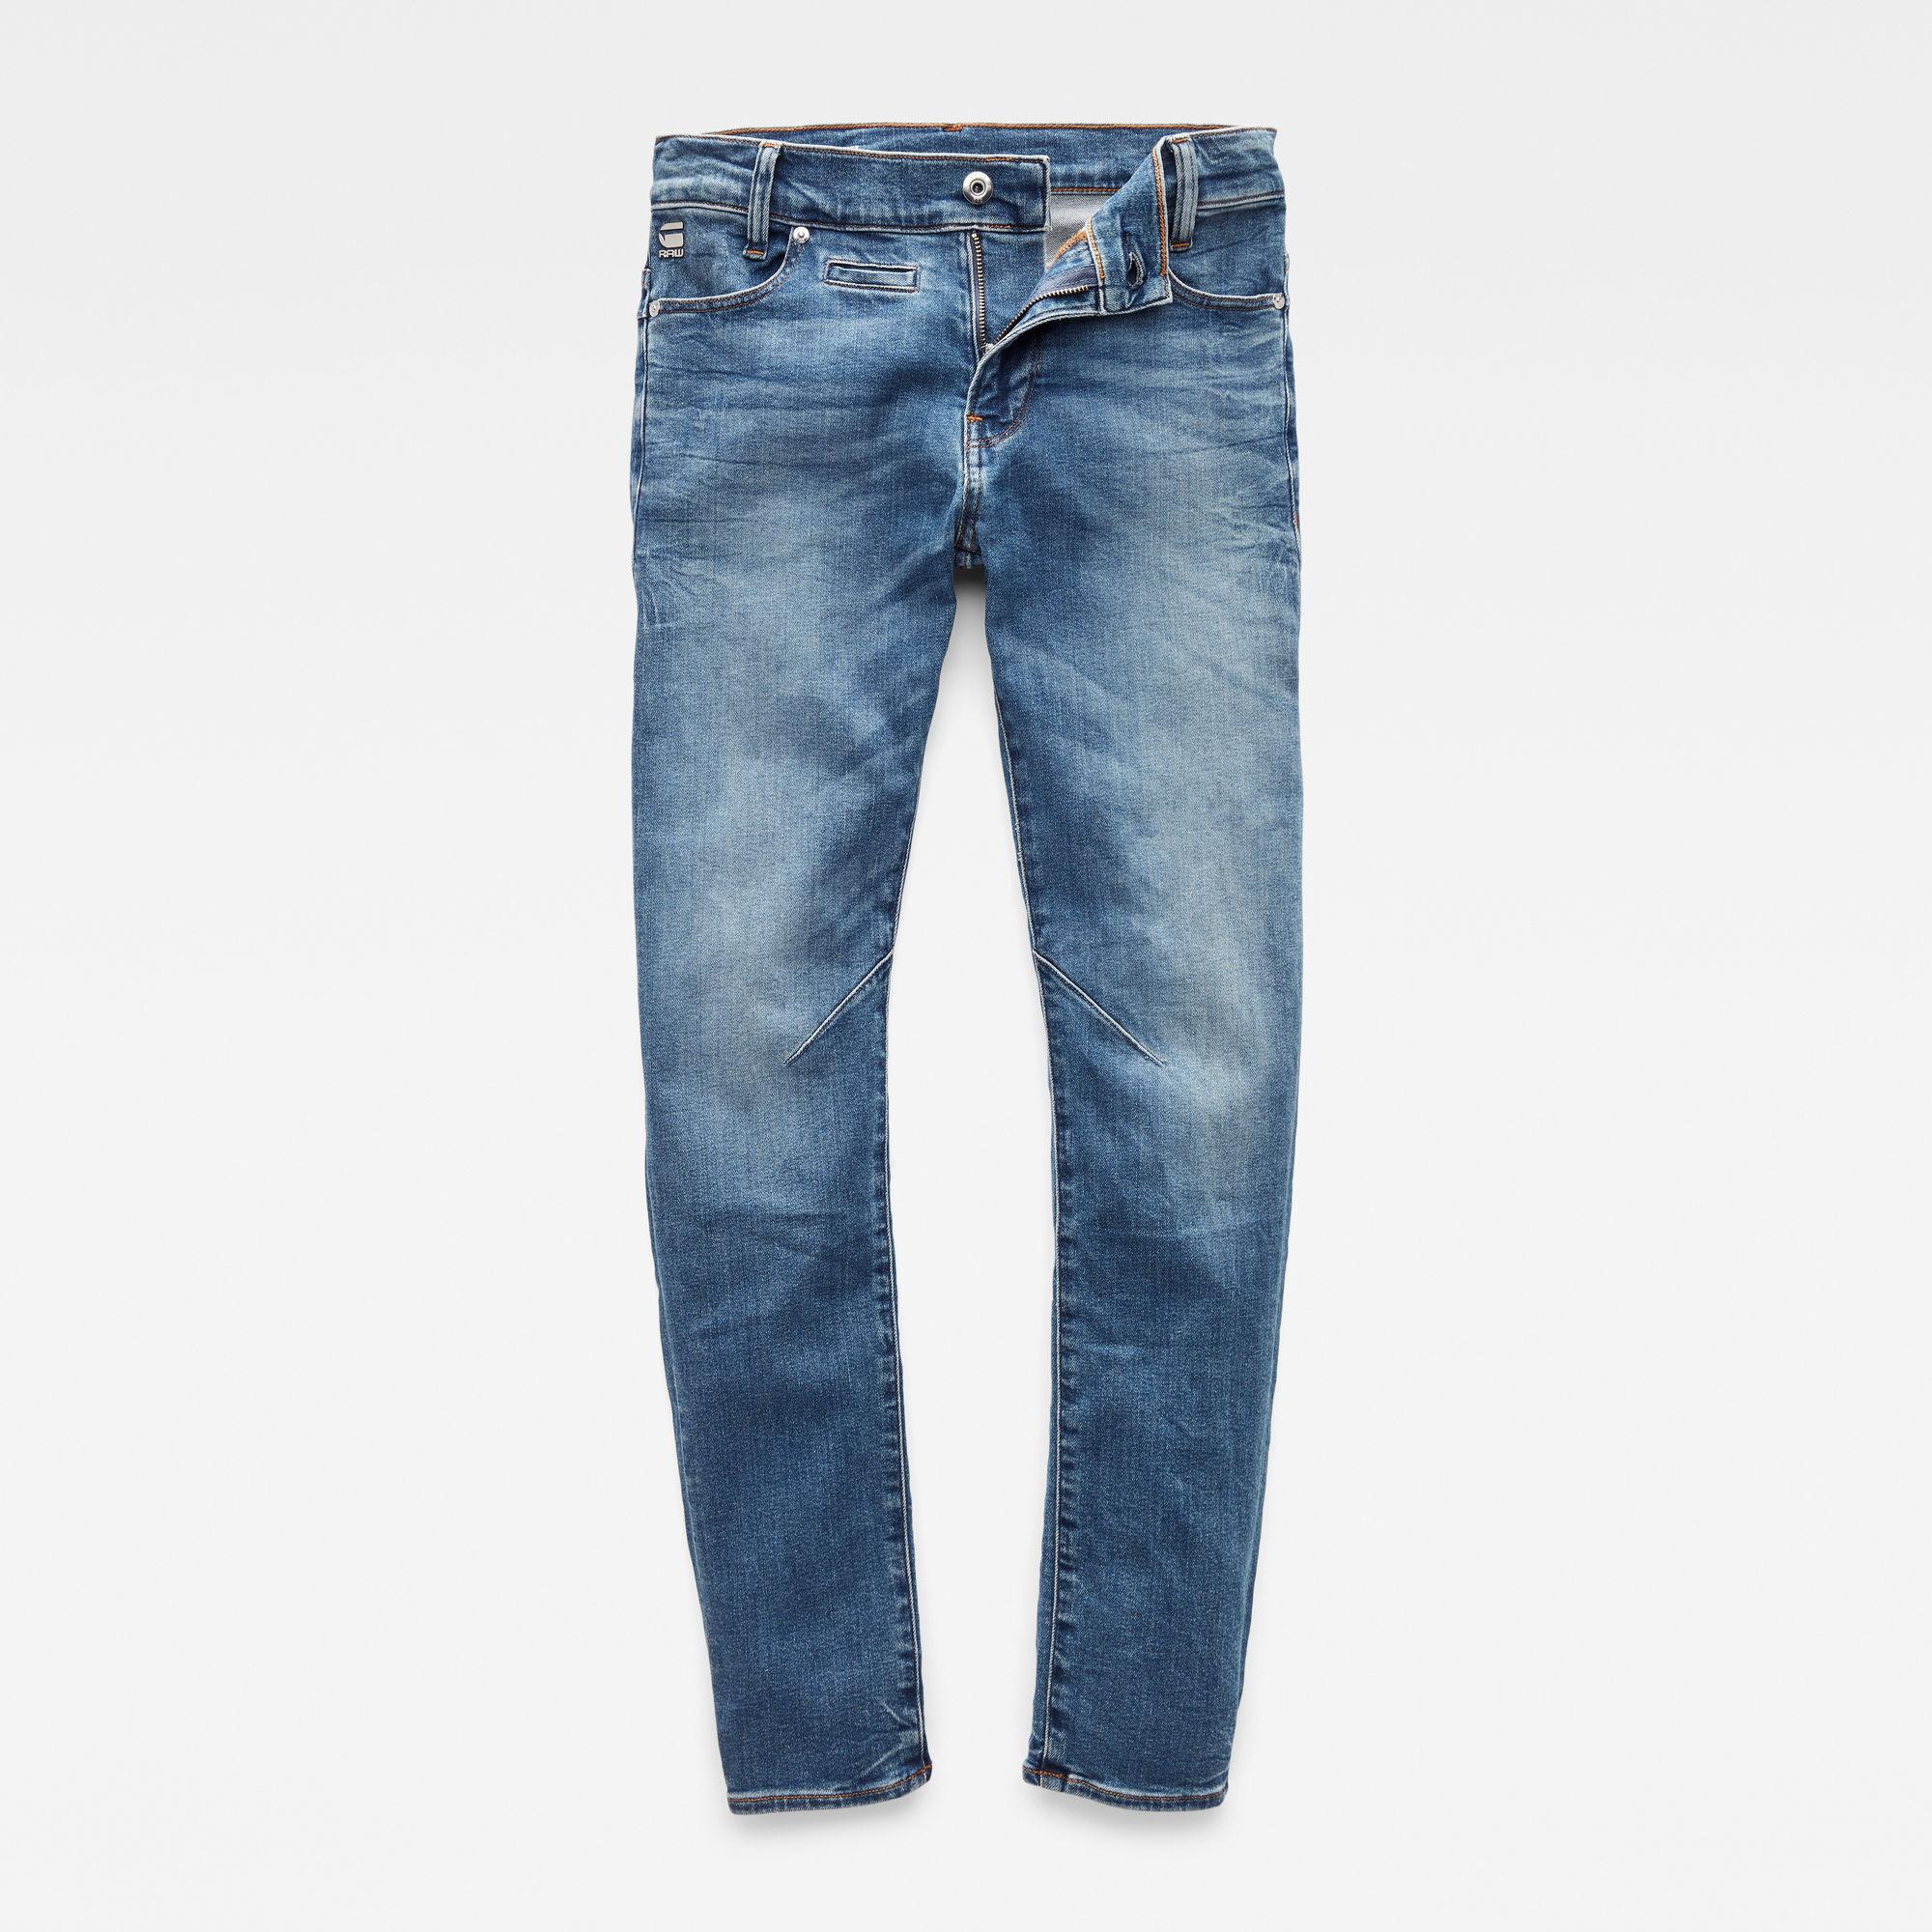 G-Star RAW Jongens D-Staq Slim jeans Blauw